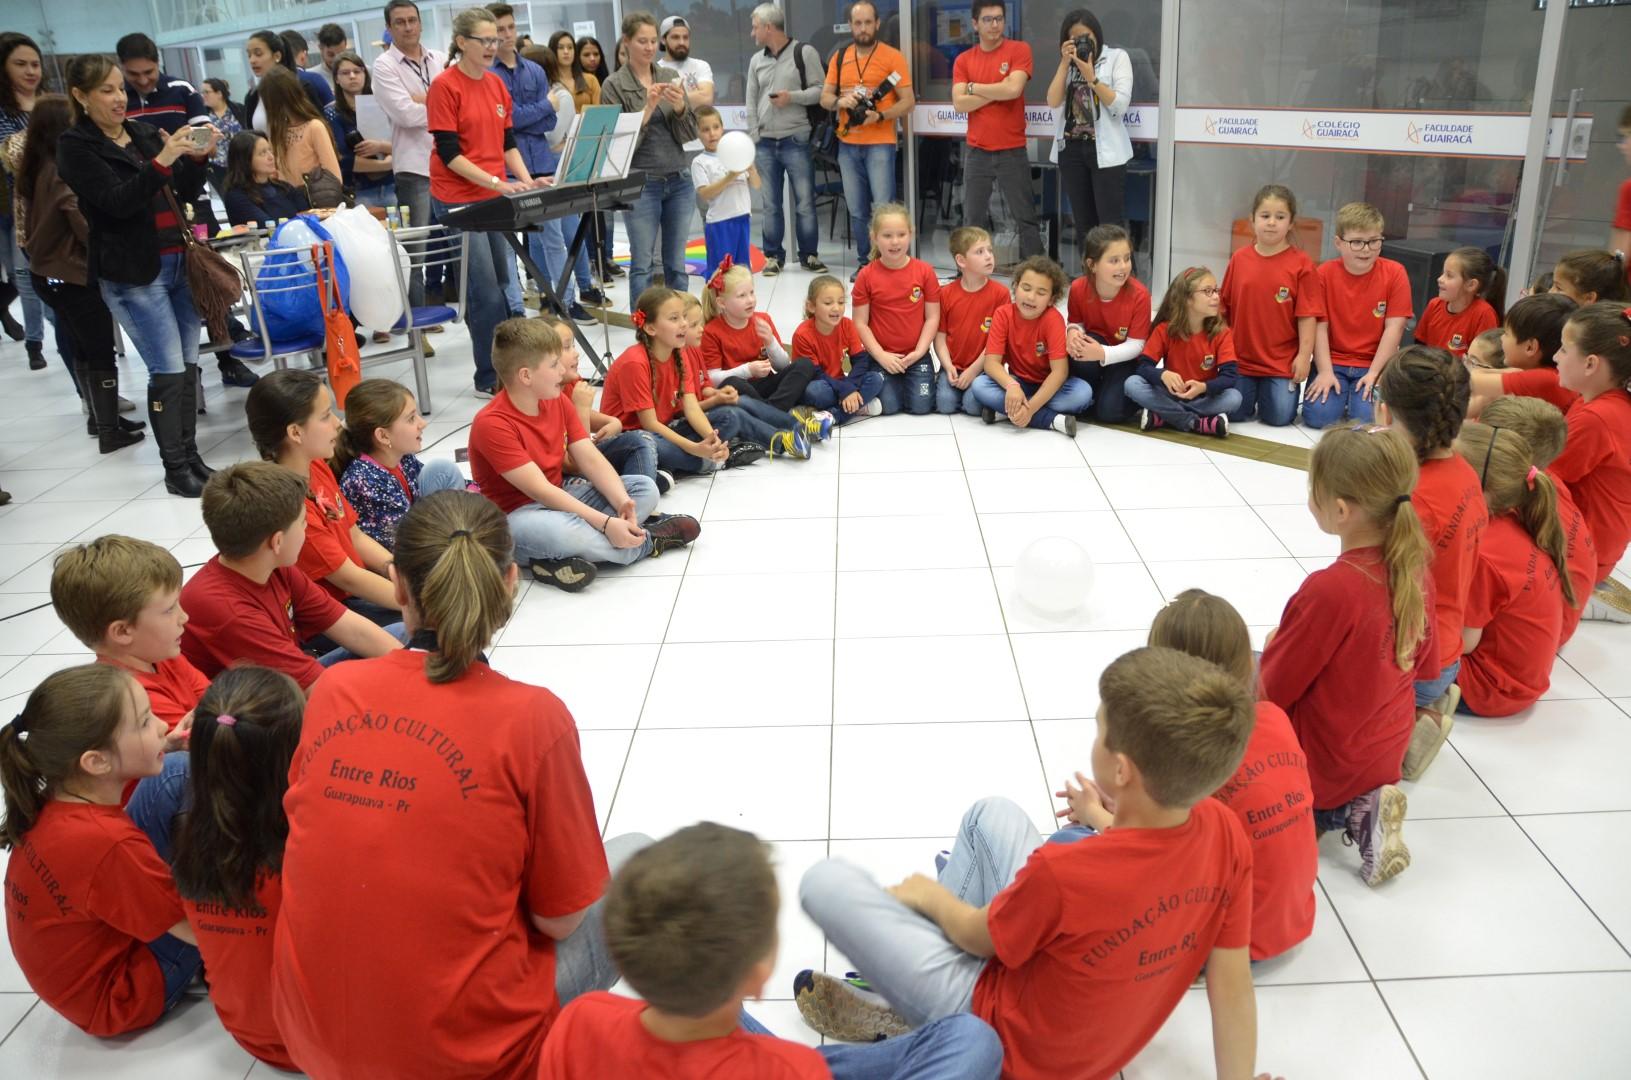 Grupo Melodia e Coral Infantil se apresentam no 30º Encontro da Arte Folclórica - 23 e 24/08/17Grupo Melodia e Coral Infantil se apresentam no 30º Encontro da Arte Folclórica - 23 e 24/08/17